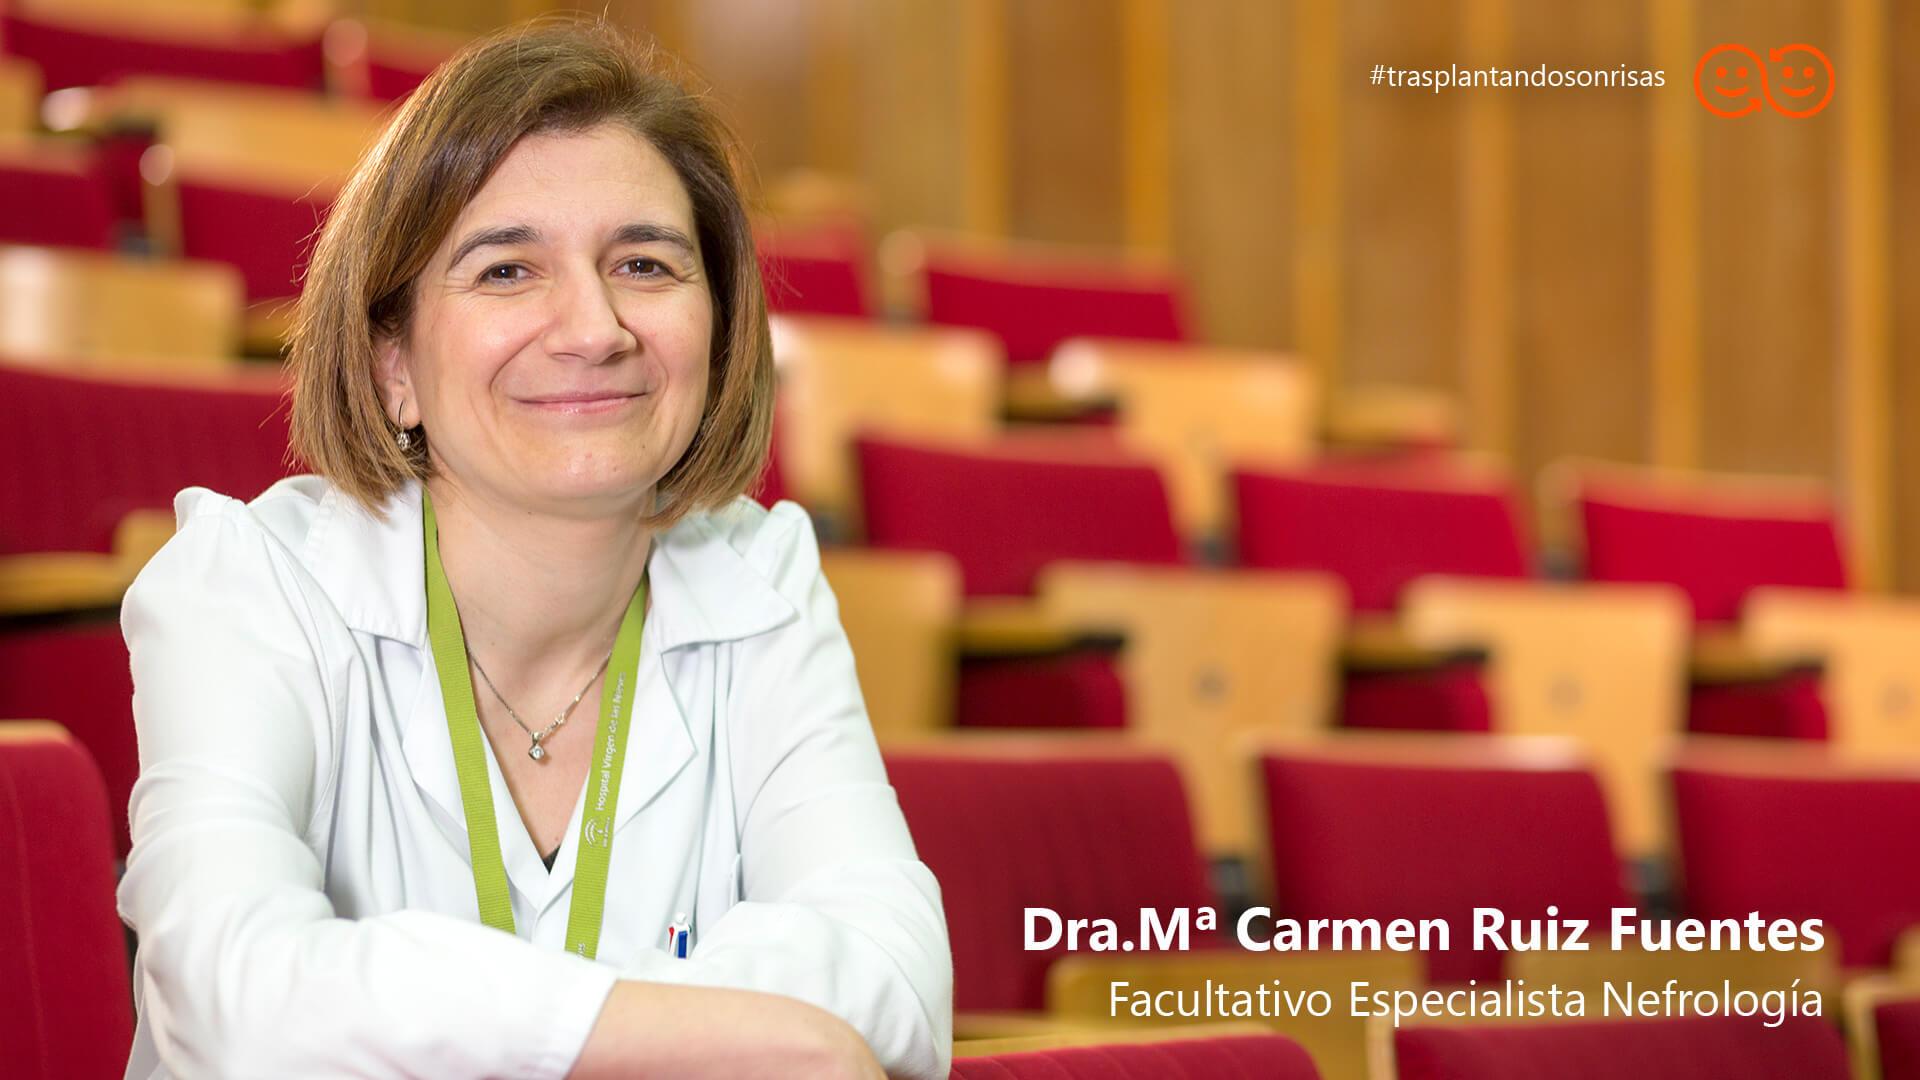 Dra. Mª Carmen Ruiz Fuentes